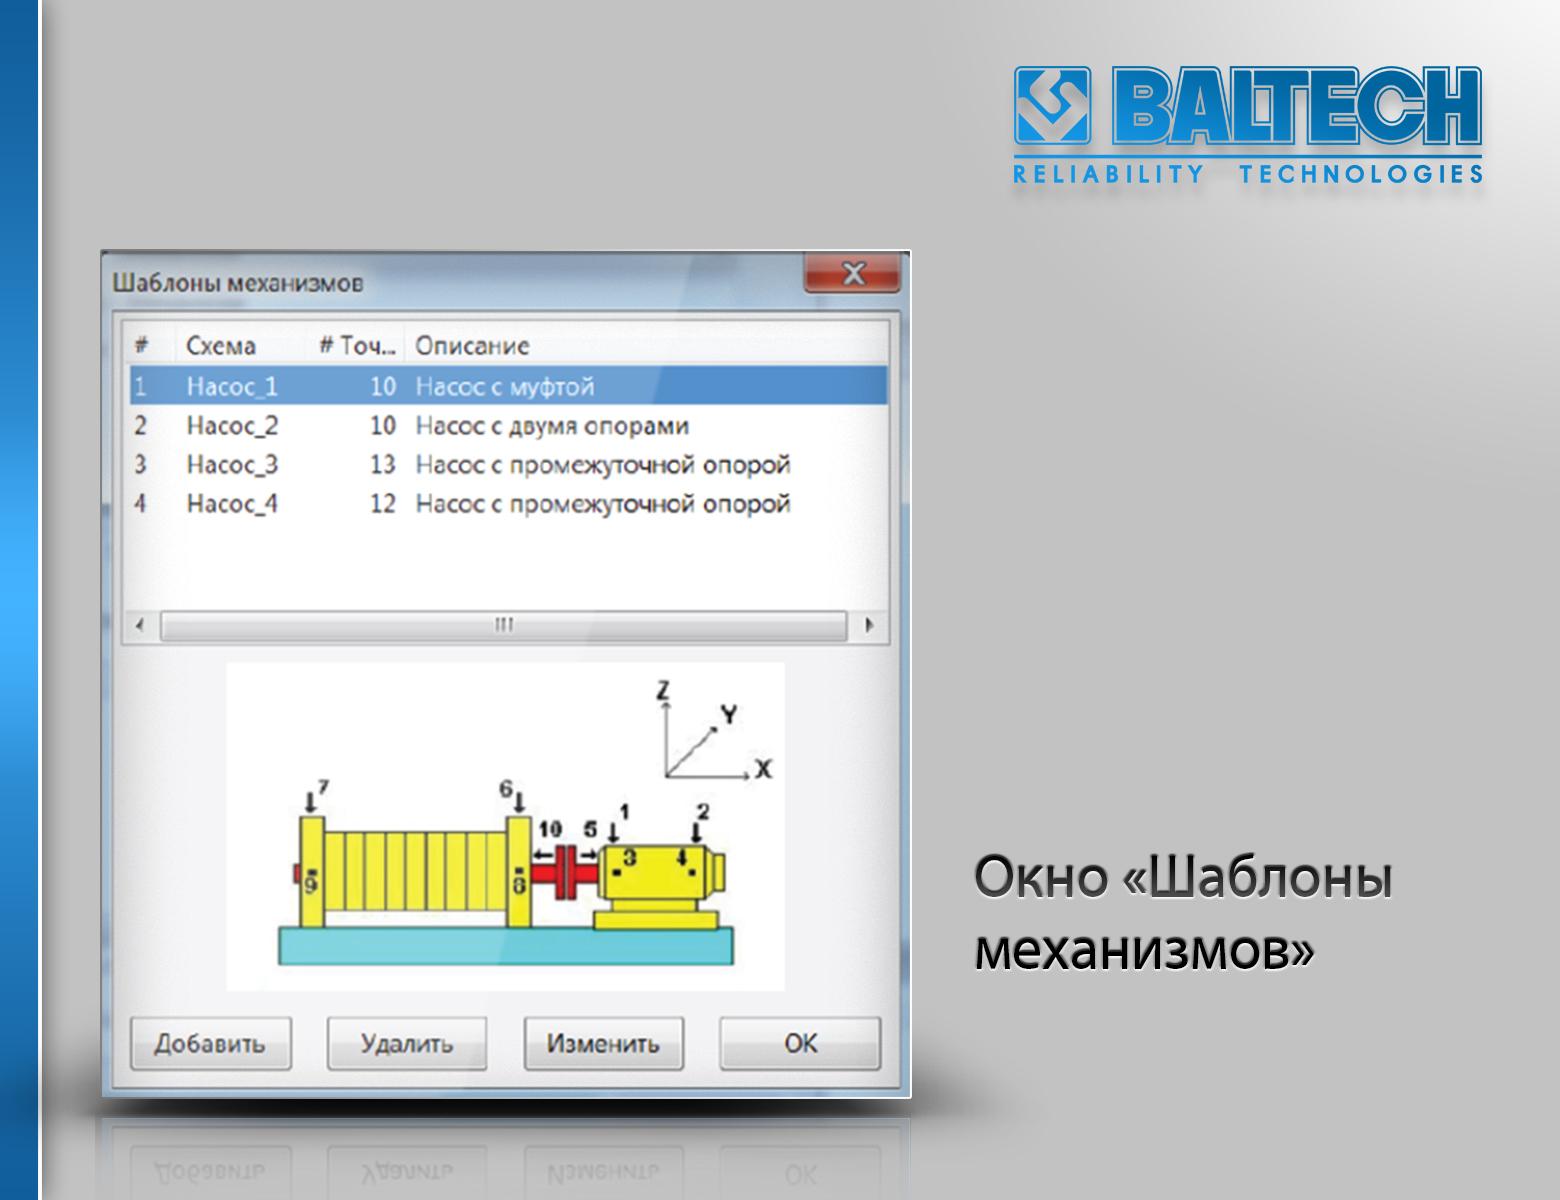 Окно Шаблоны механизмов, Программное обеспечение BALTECH-Expert, вибродиагностика